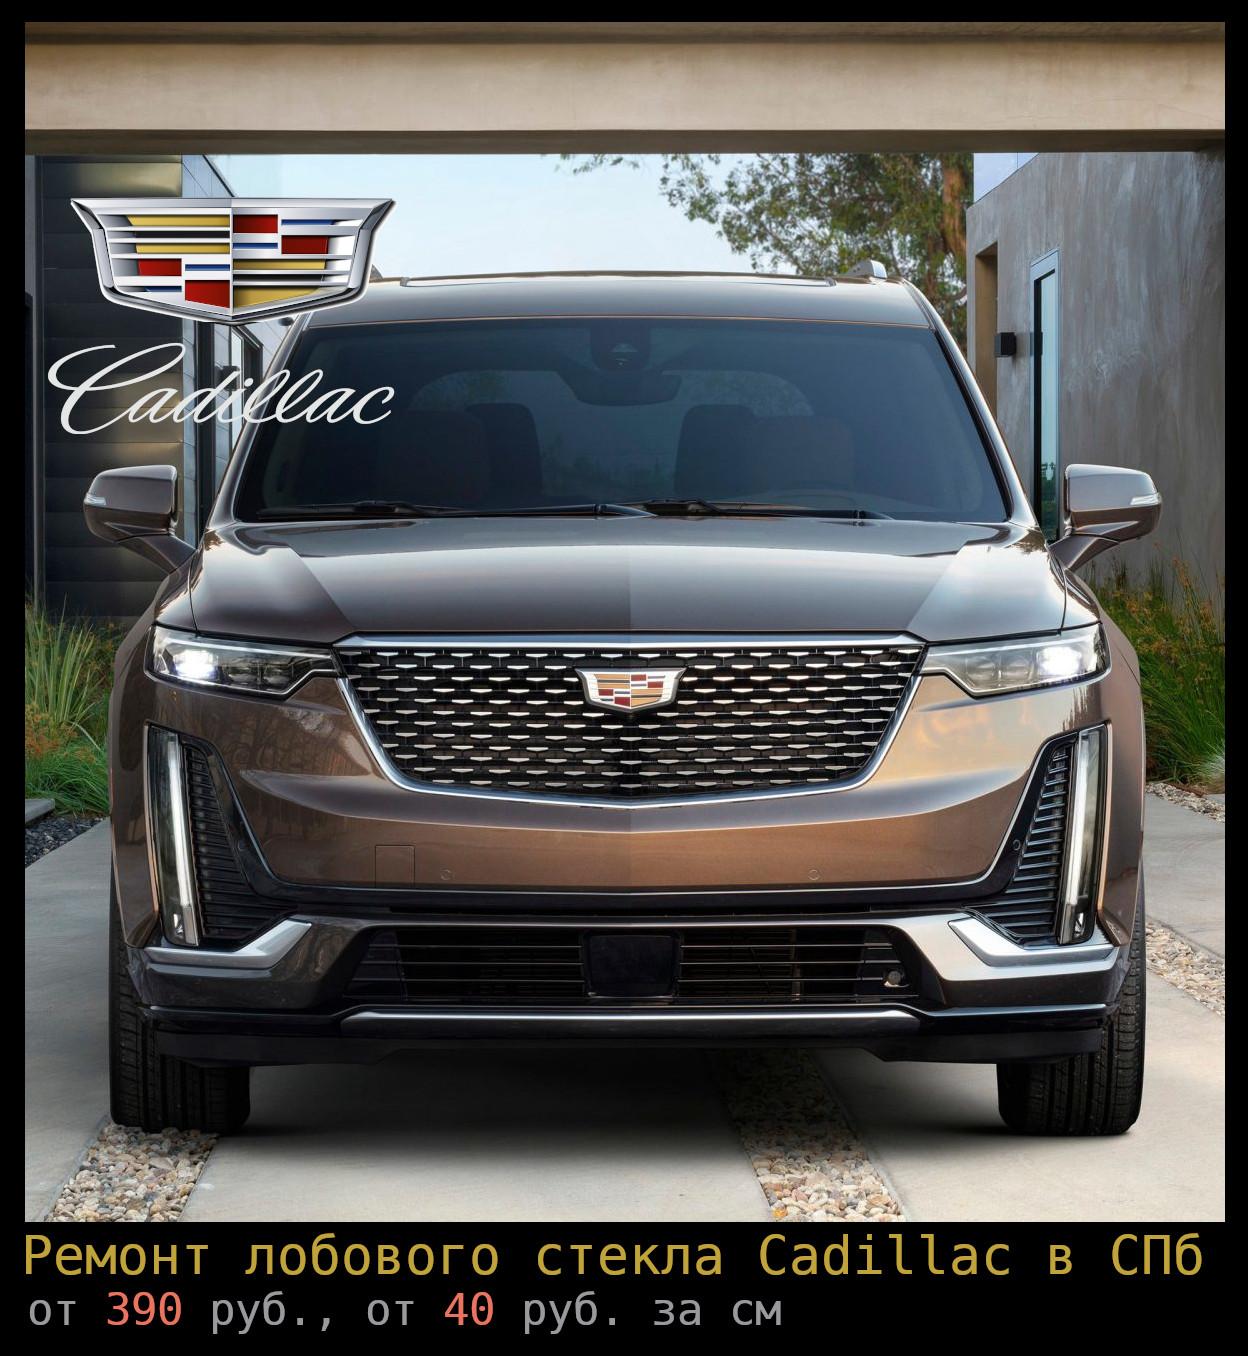 Ремонт лобового стекла Cadillac